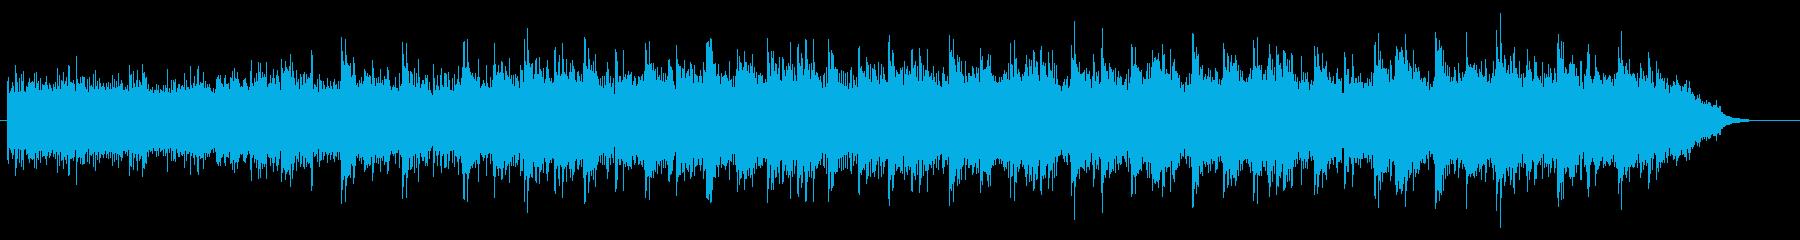 幻想的で宇宙的な雰囲気の曲の再生済みの波形